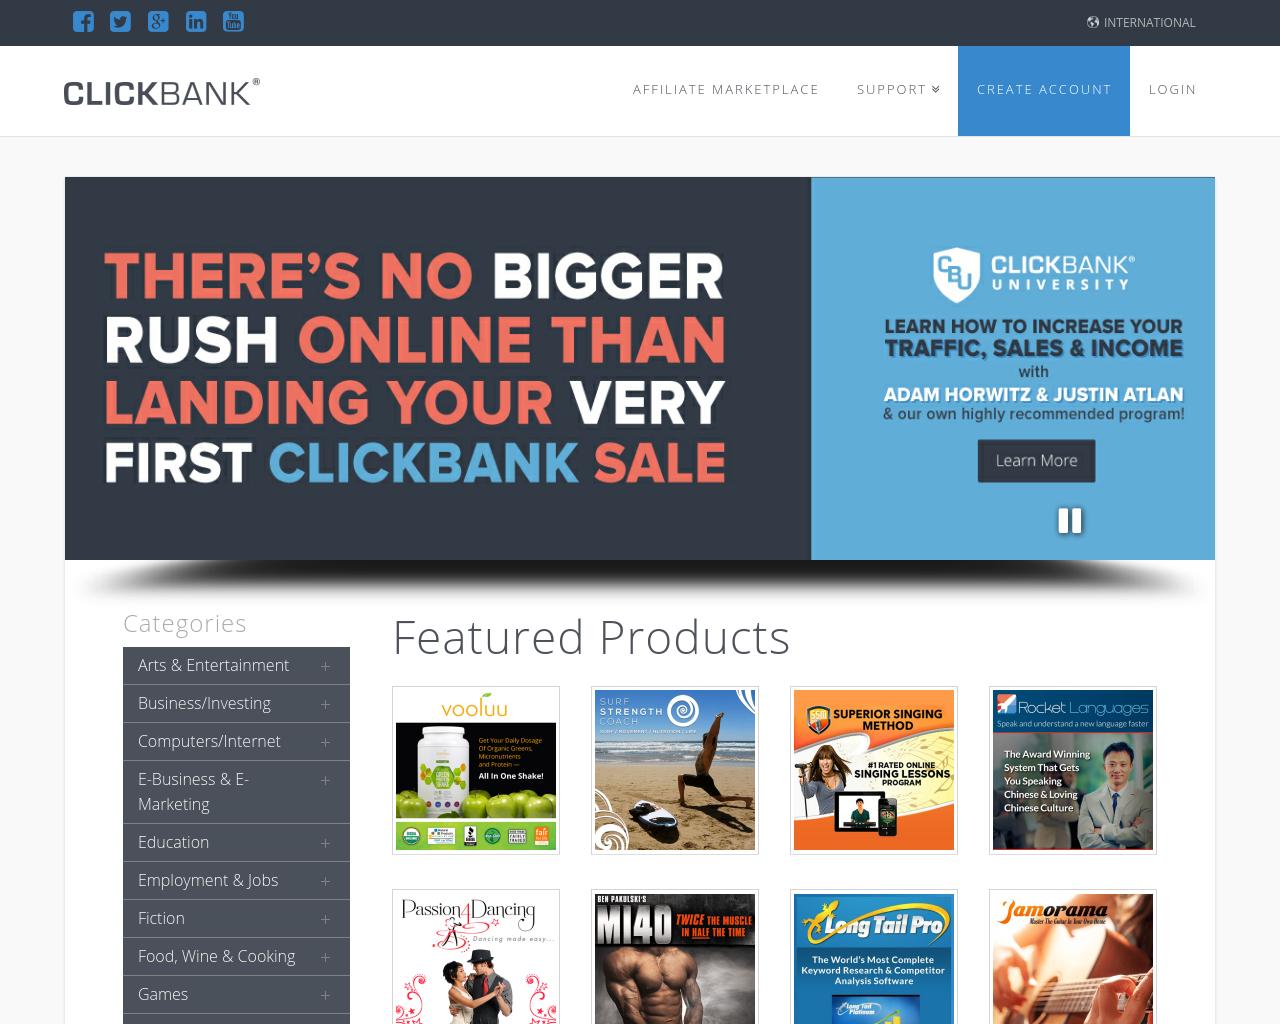 ClickBank-Advertising-Reviews-Pricing